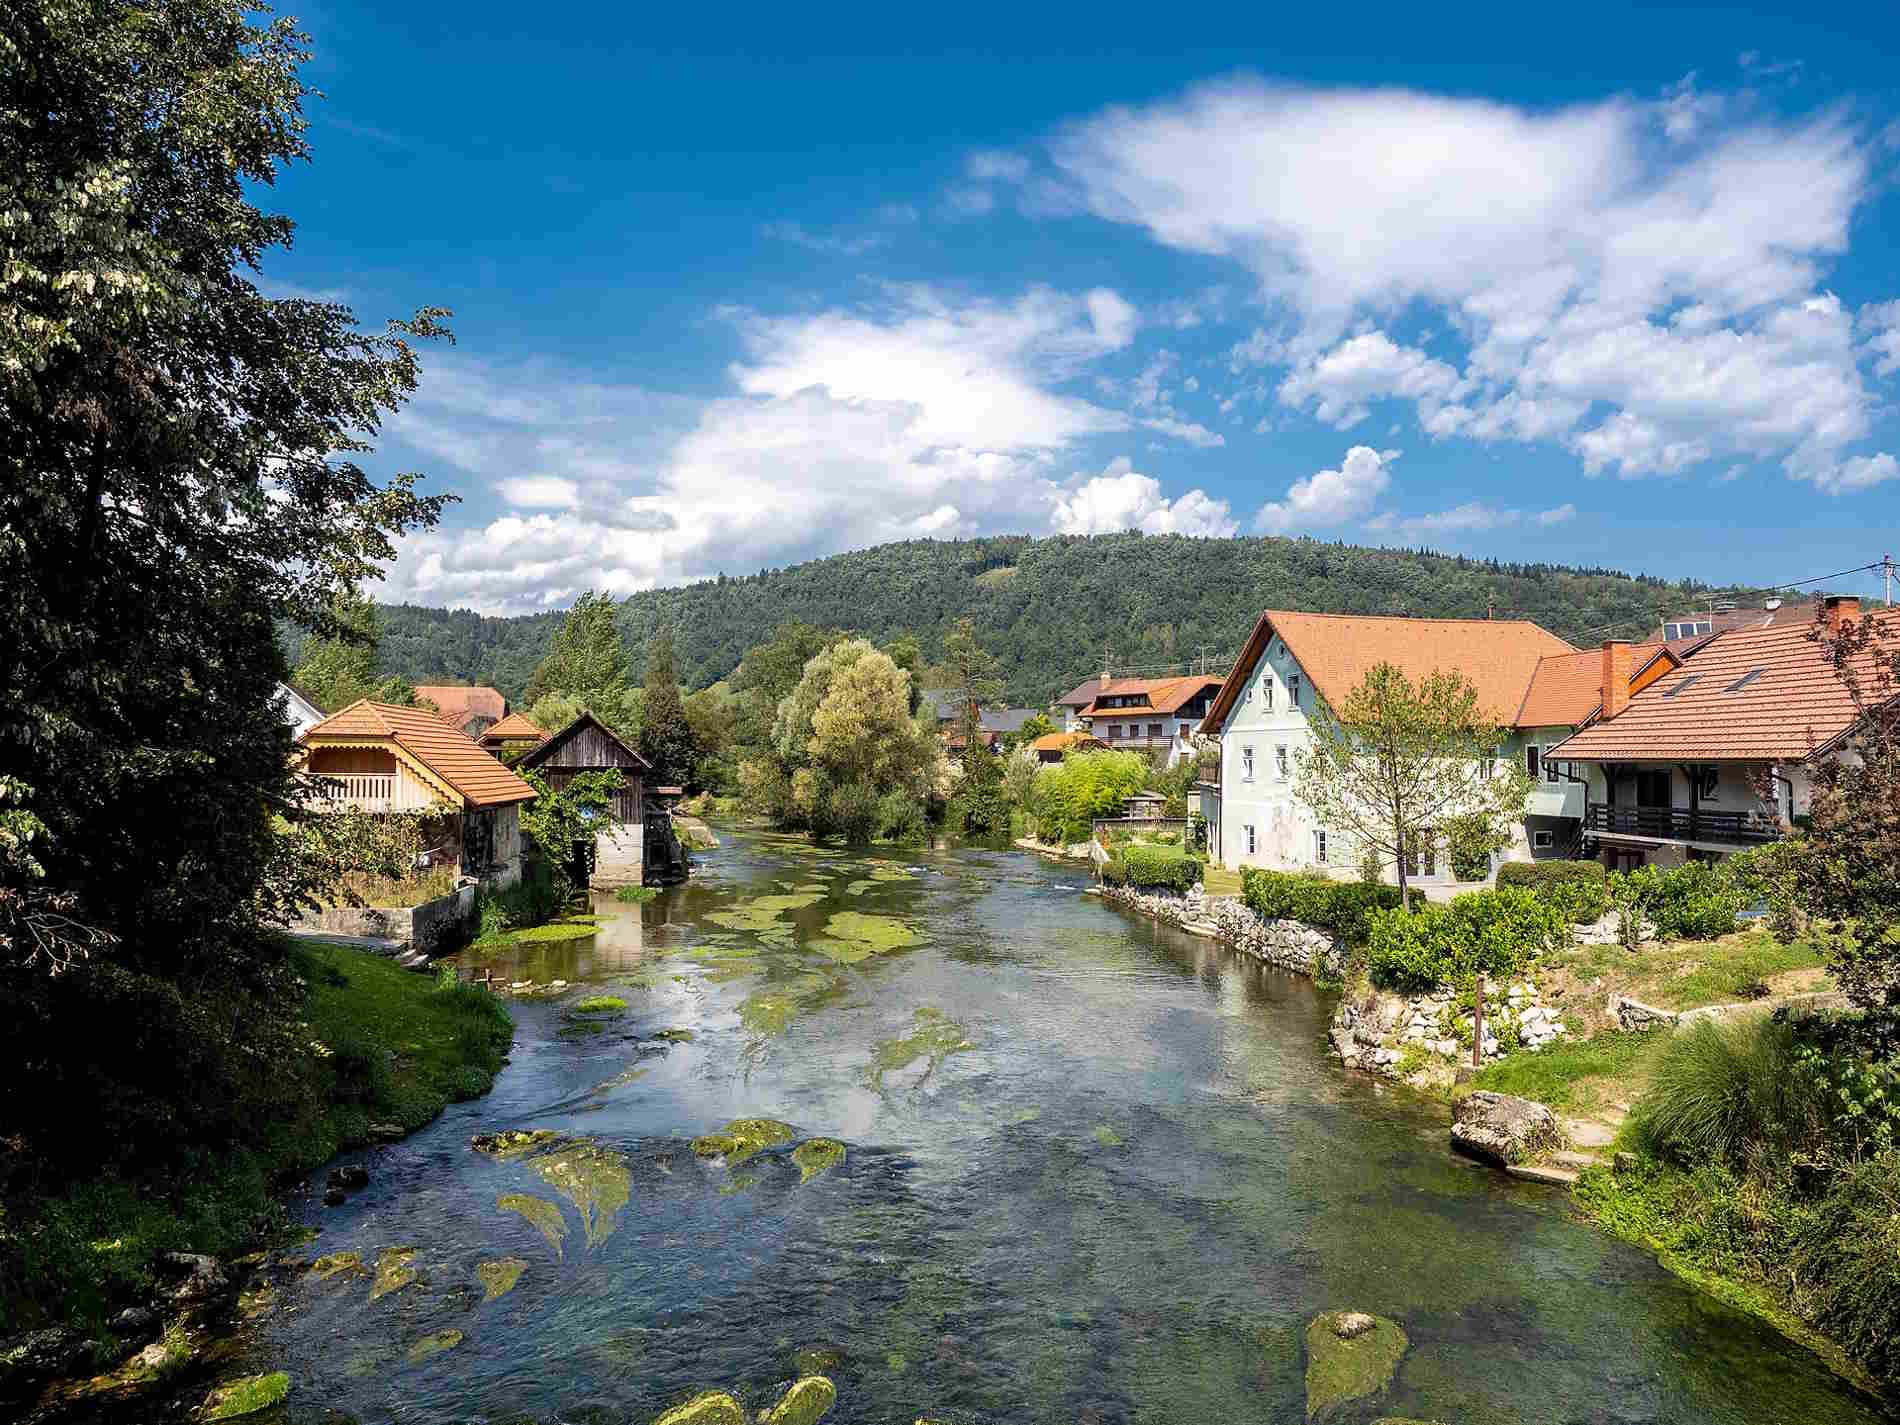 Scorci nella zona di Dolenjska in Slovenia